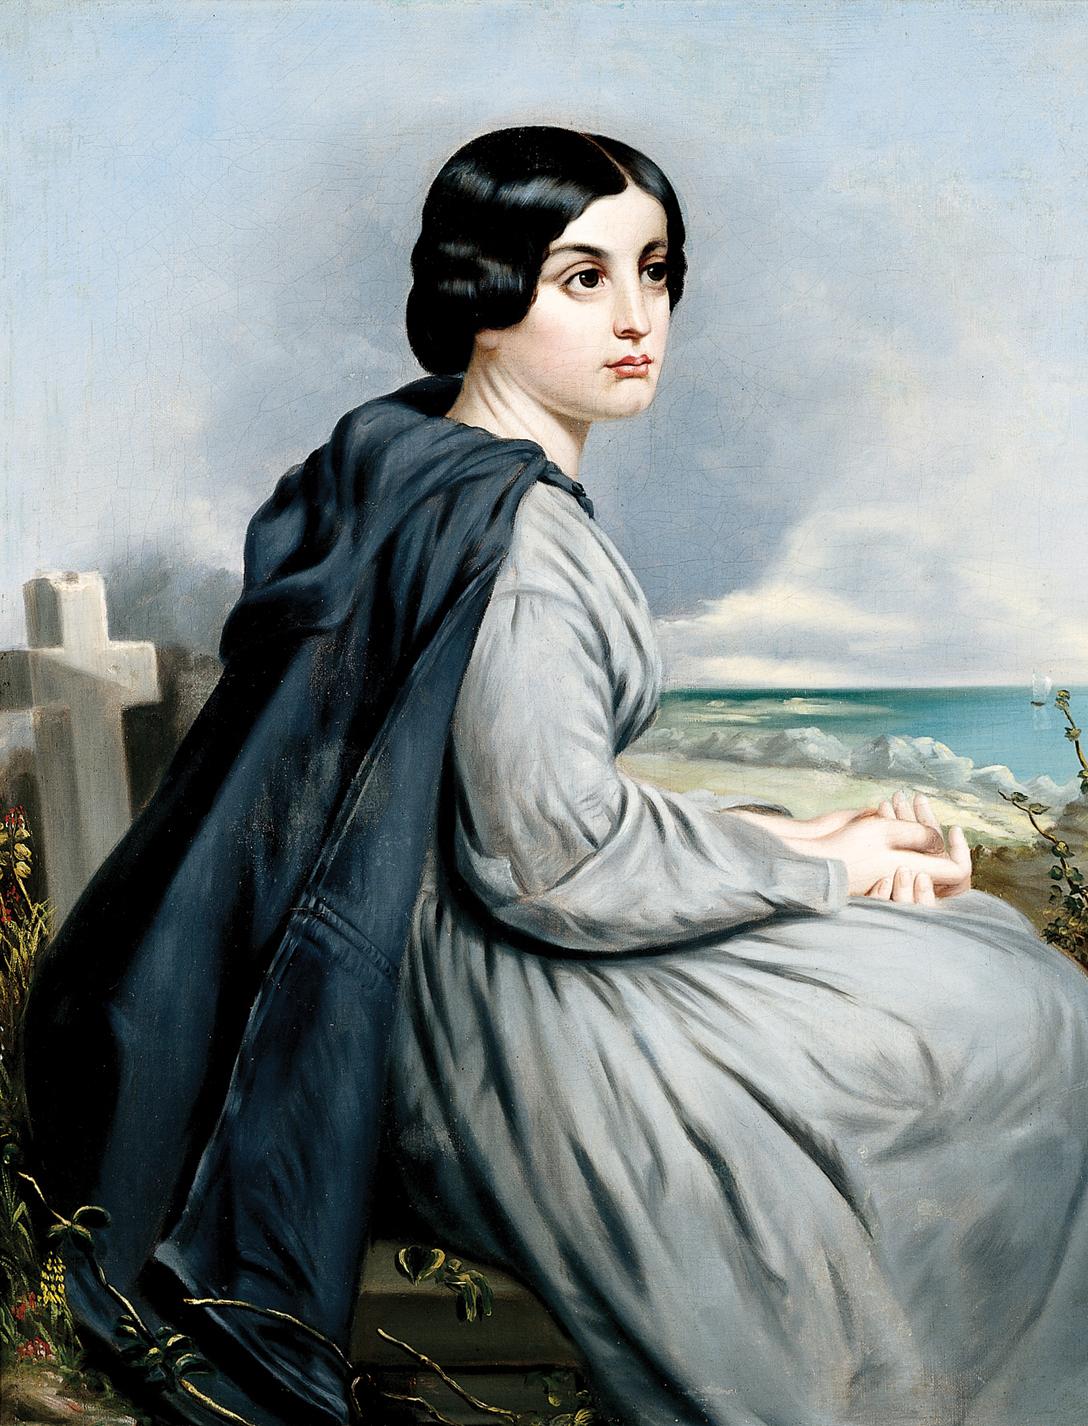 Charles Soule, Jr. Américain (1835-1897)  Civil War Widow , vers 1863 Huile sur toile, 76,2 x 61,6 cm Dayton Art Institute, Don de Mme. Helen Soule Boehm, 1961.18